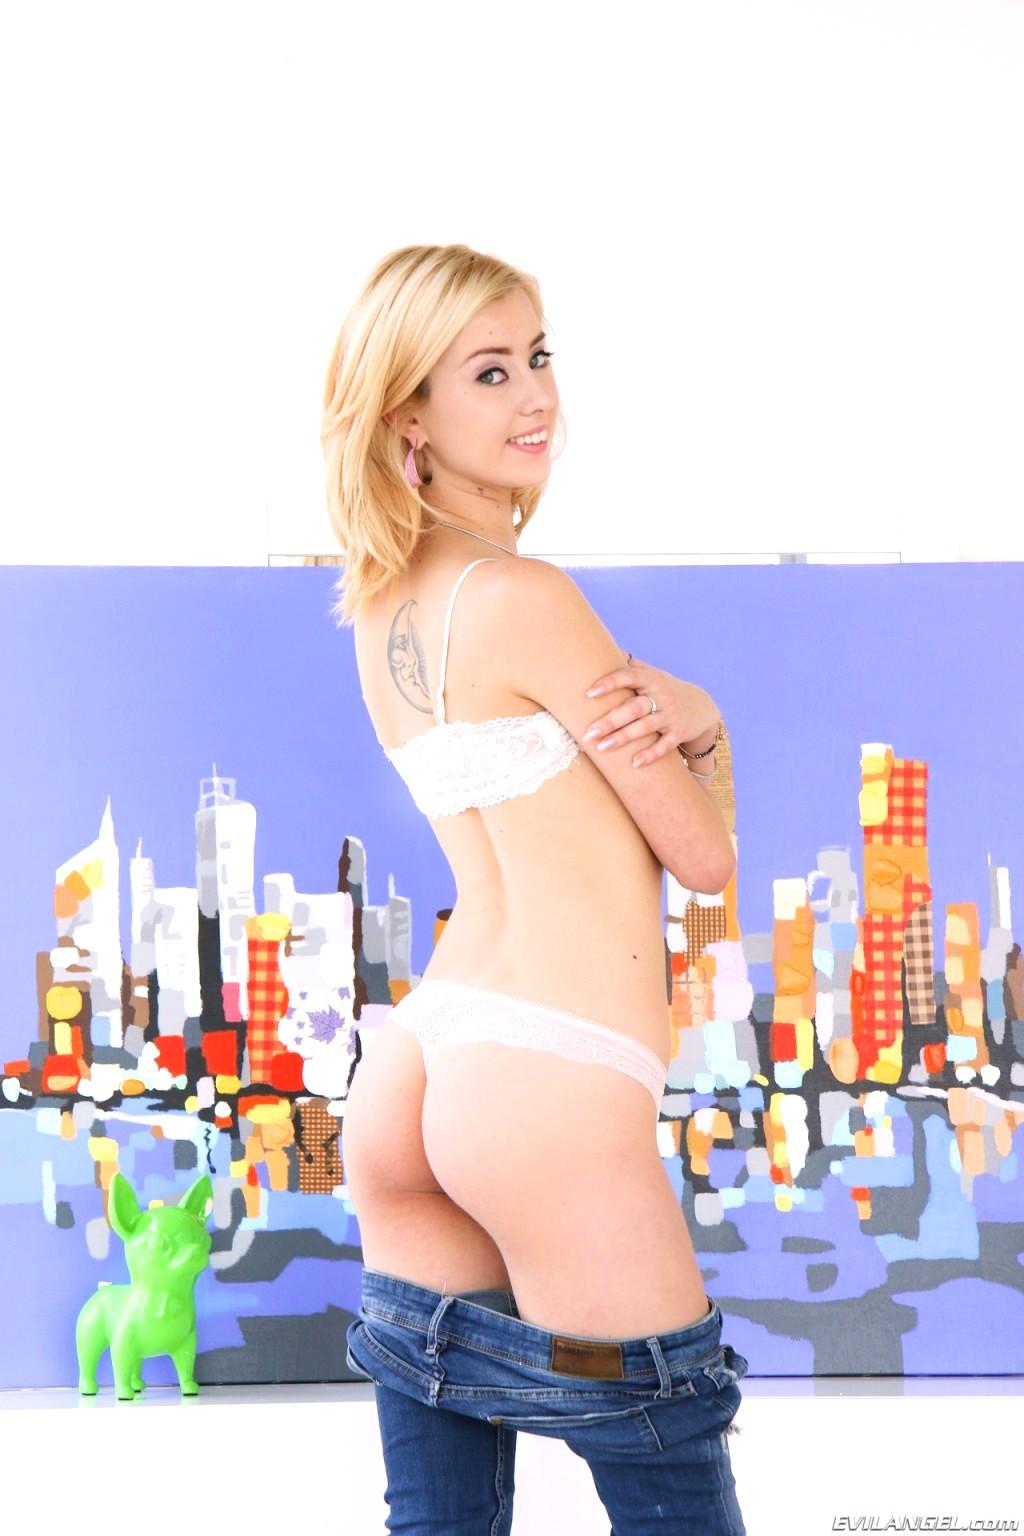 haley reed porn pics